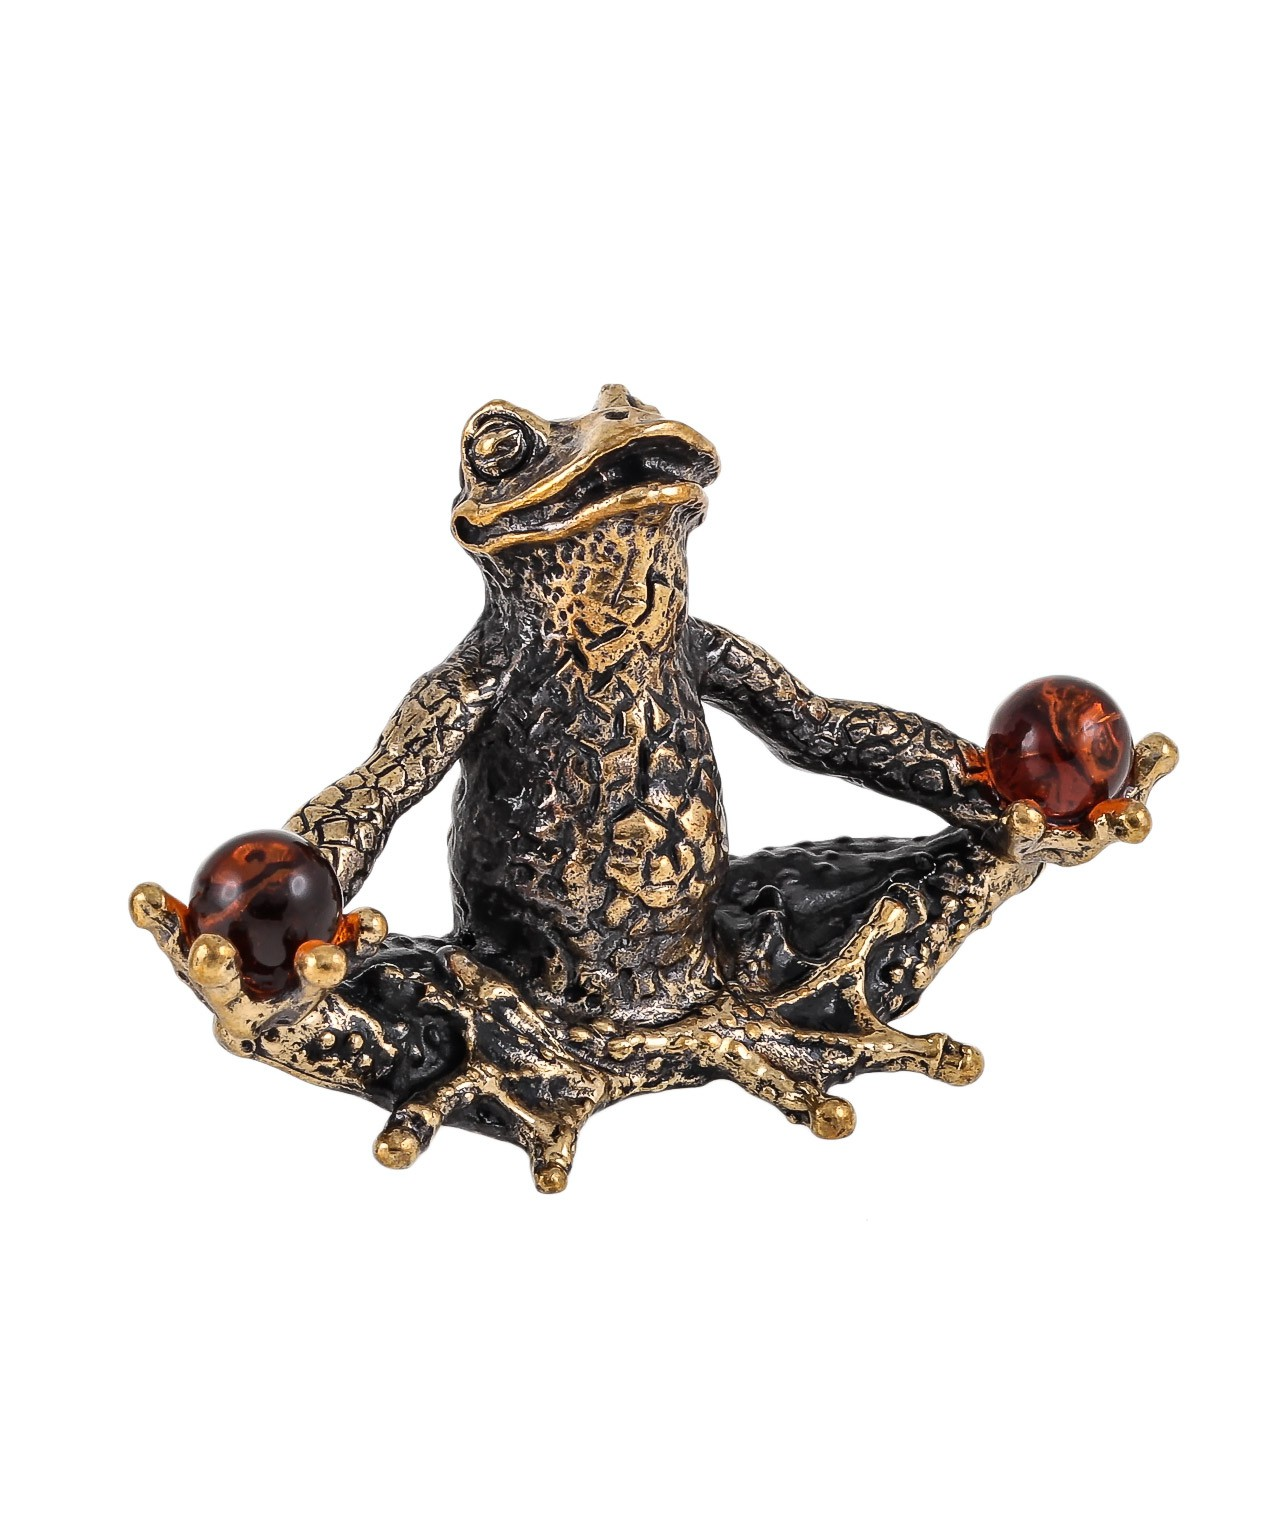 Лягушка Йога Лотос с шарами без подставки 1673.1